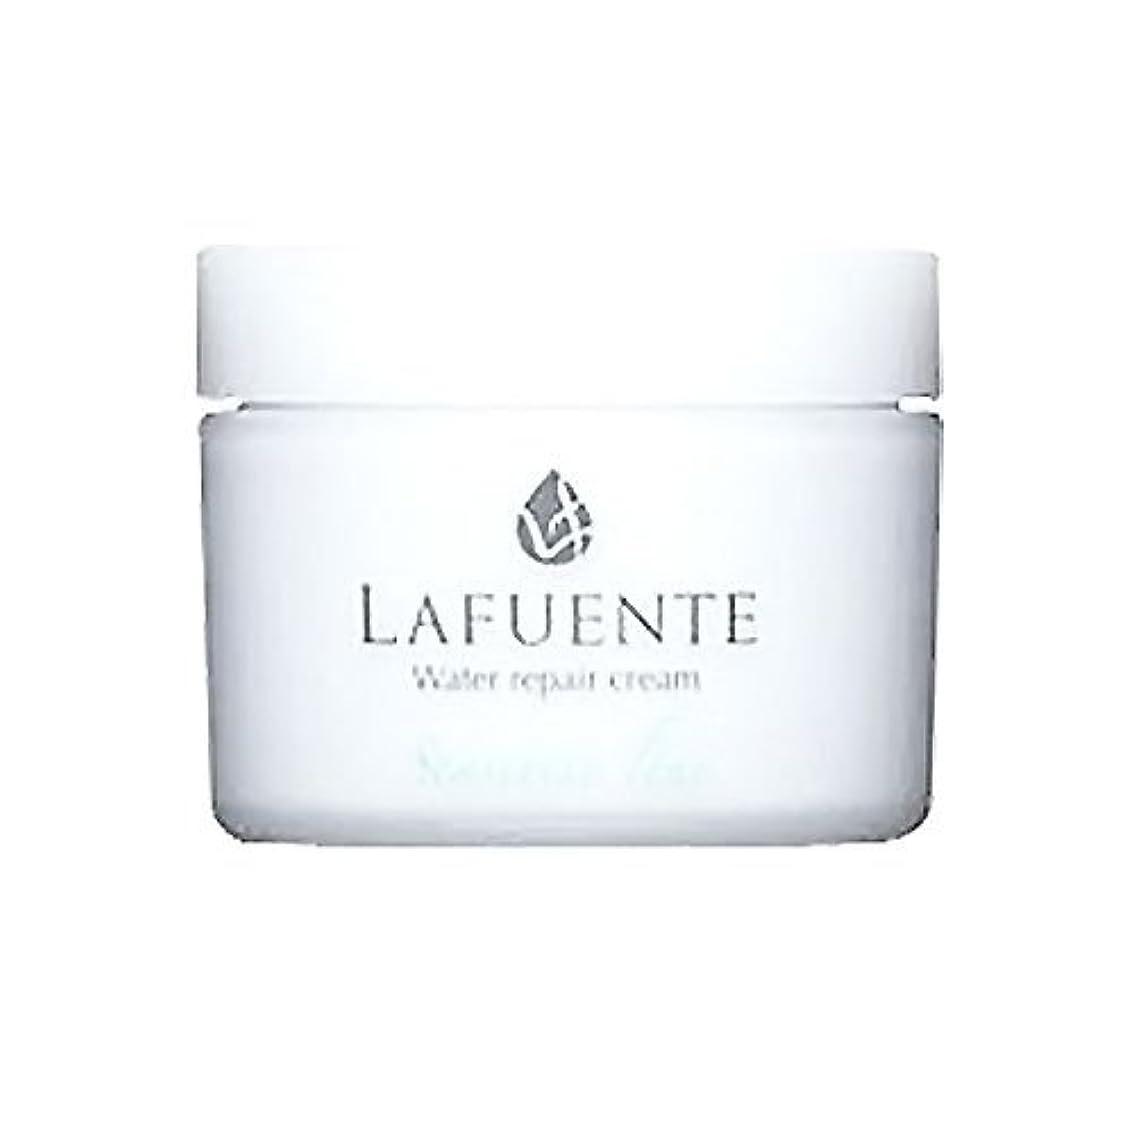 程度コントロール家庭LAFUNTE (ラファンテ) ウォーターリペアクリーム 50g